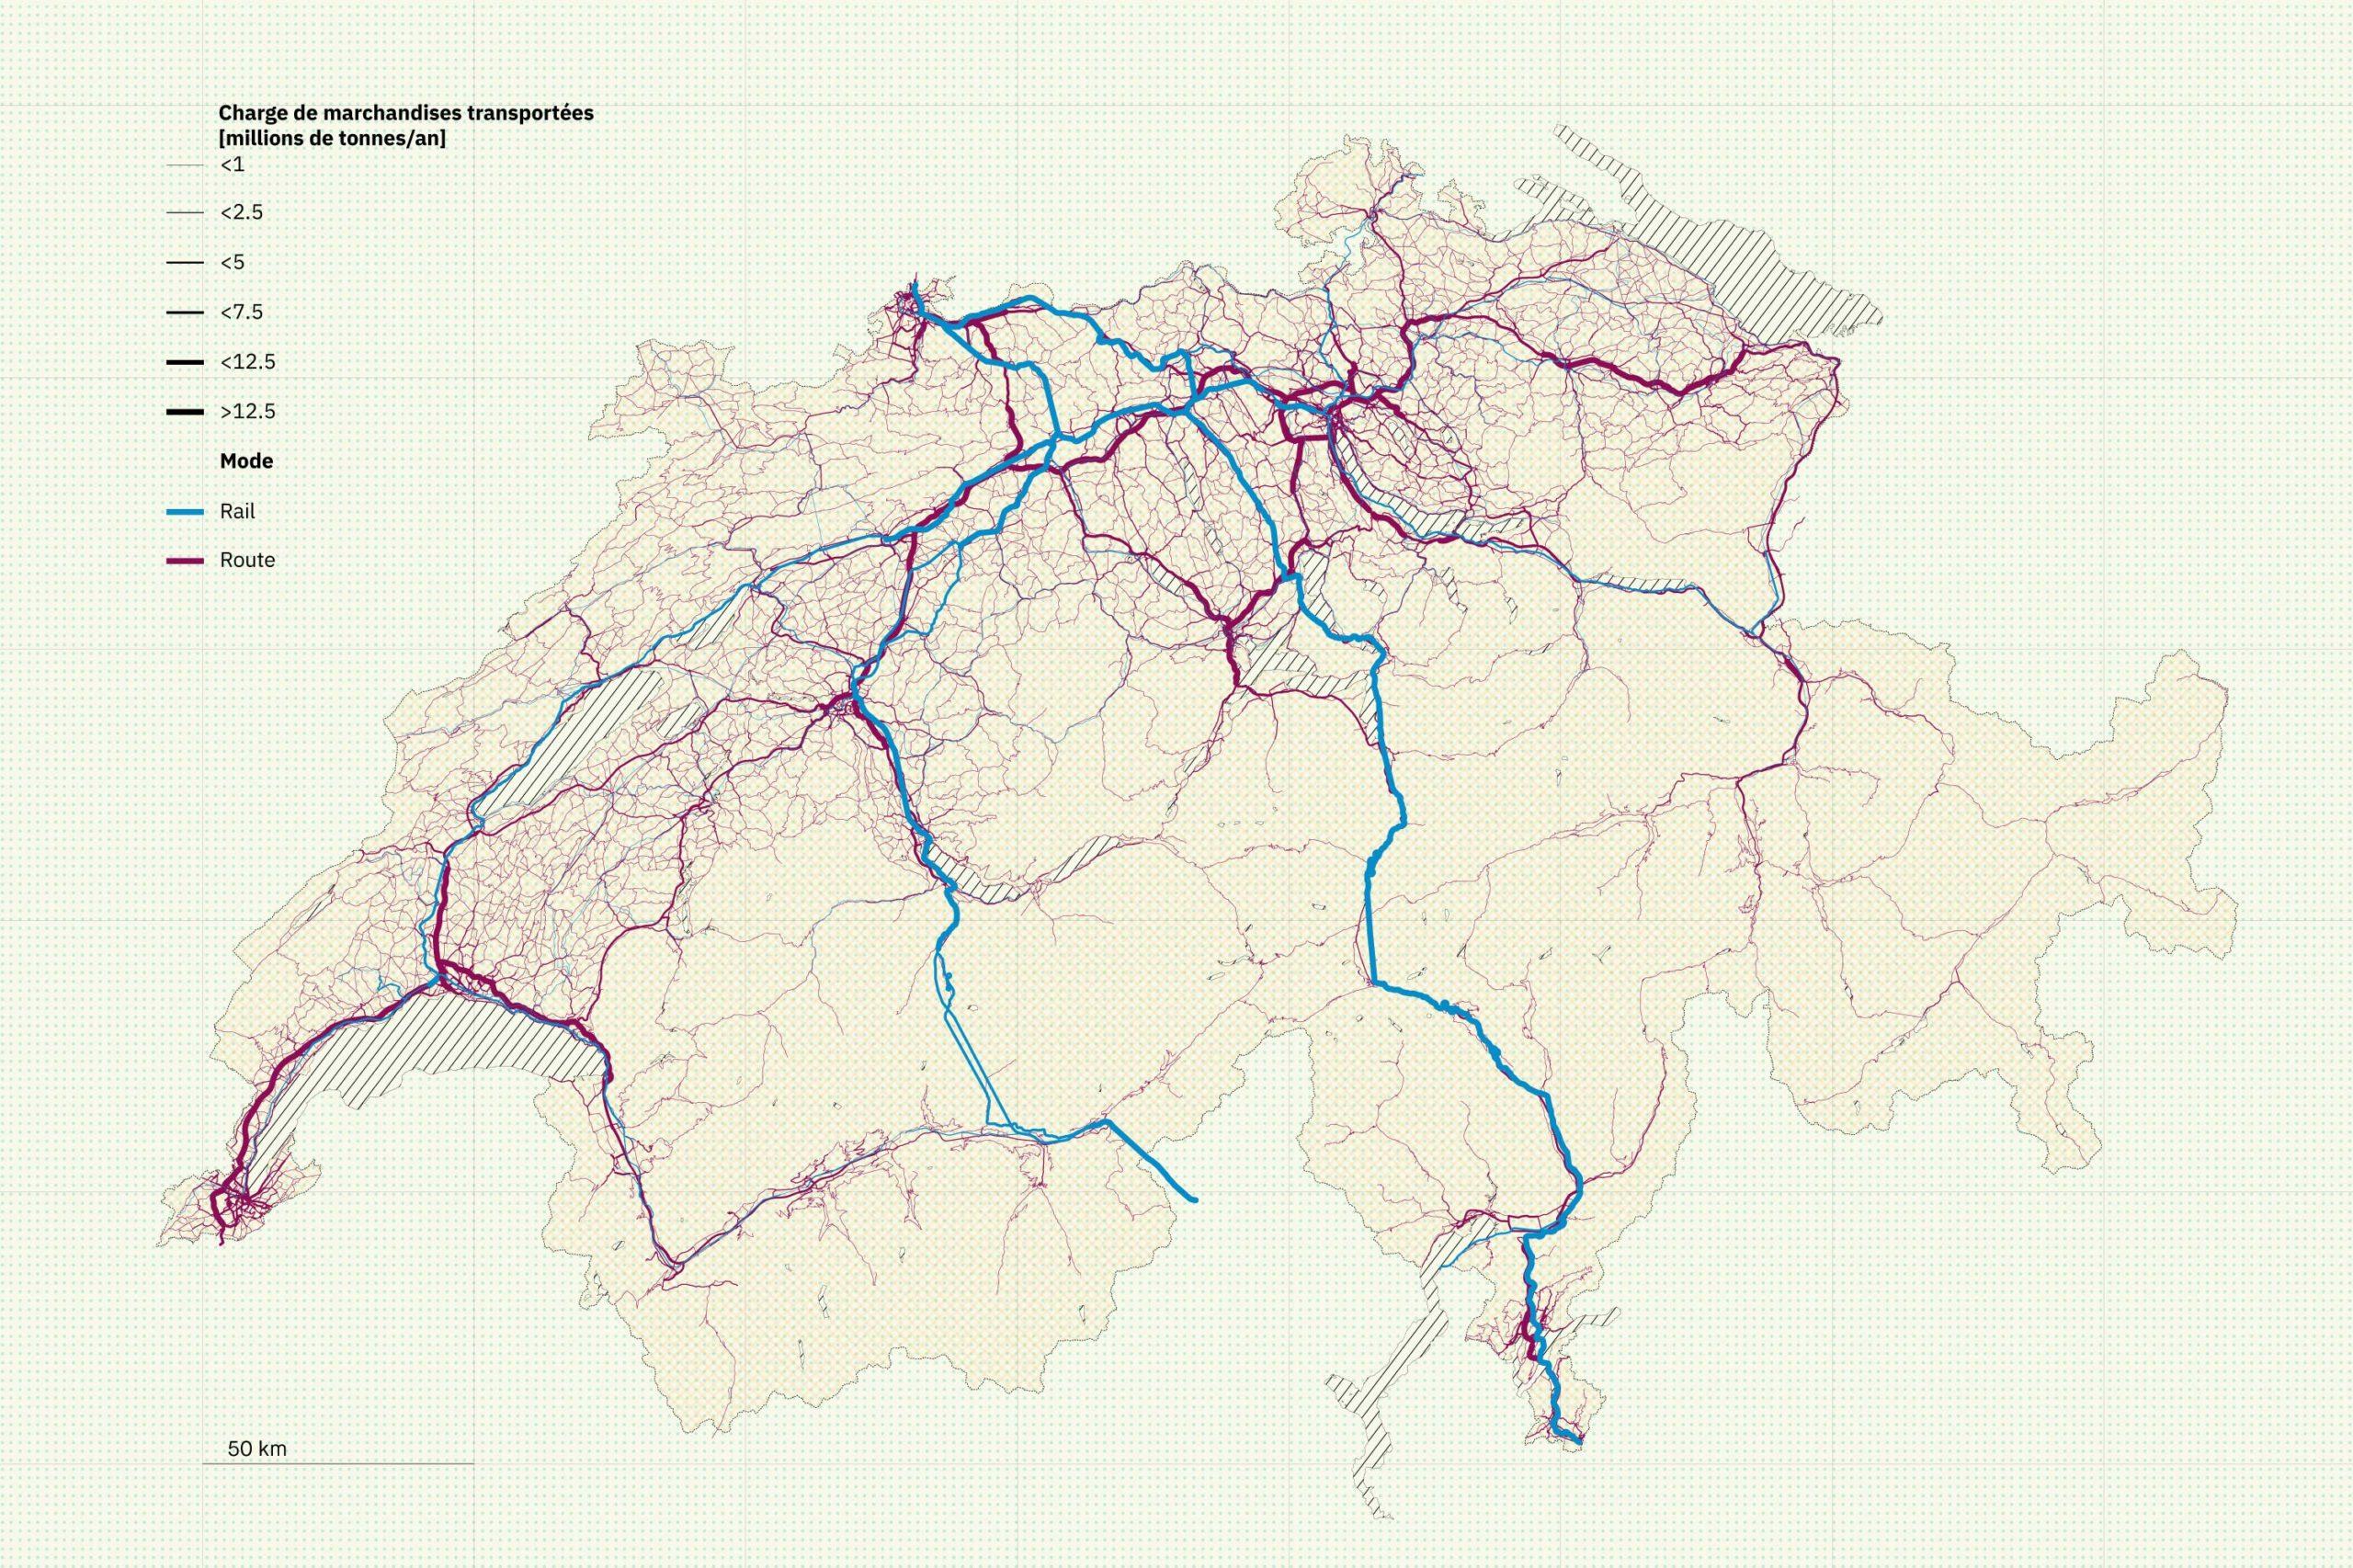 Stratégie cantonale du transport de marchandises - Vaud